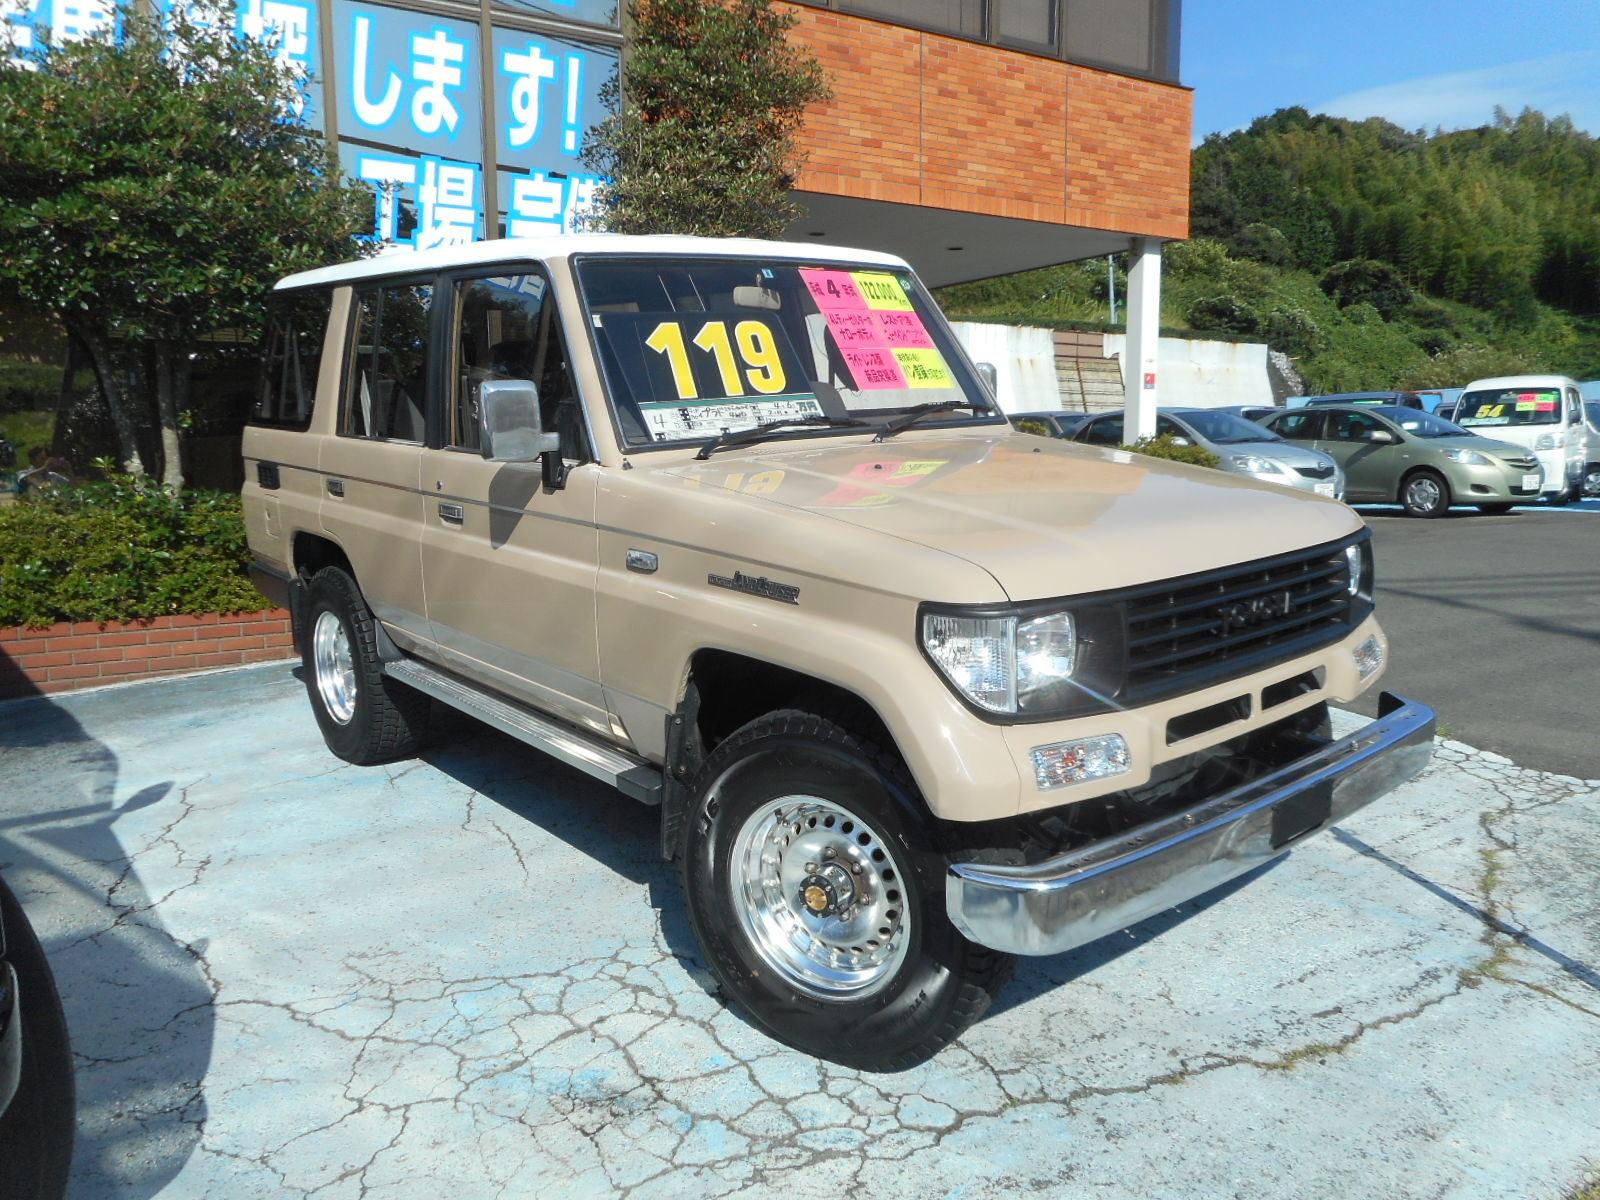 78プラド レストア車 2.4Lナローボディ ベージュツートーンルーフ_c0267693_16574462.jpg